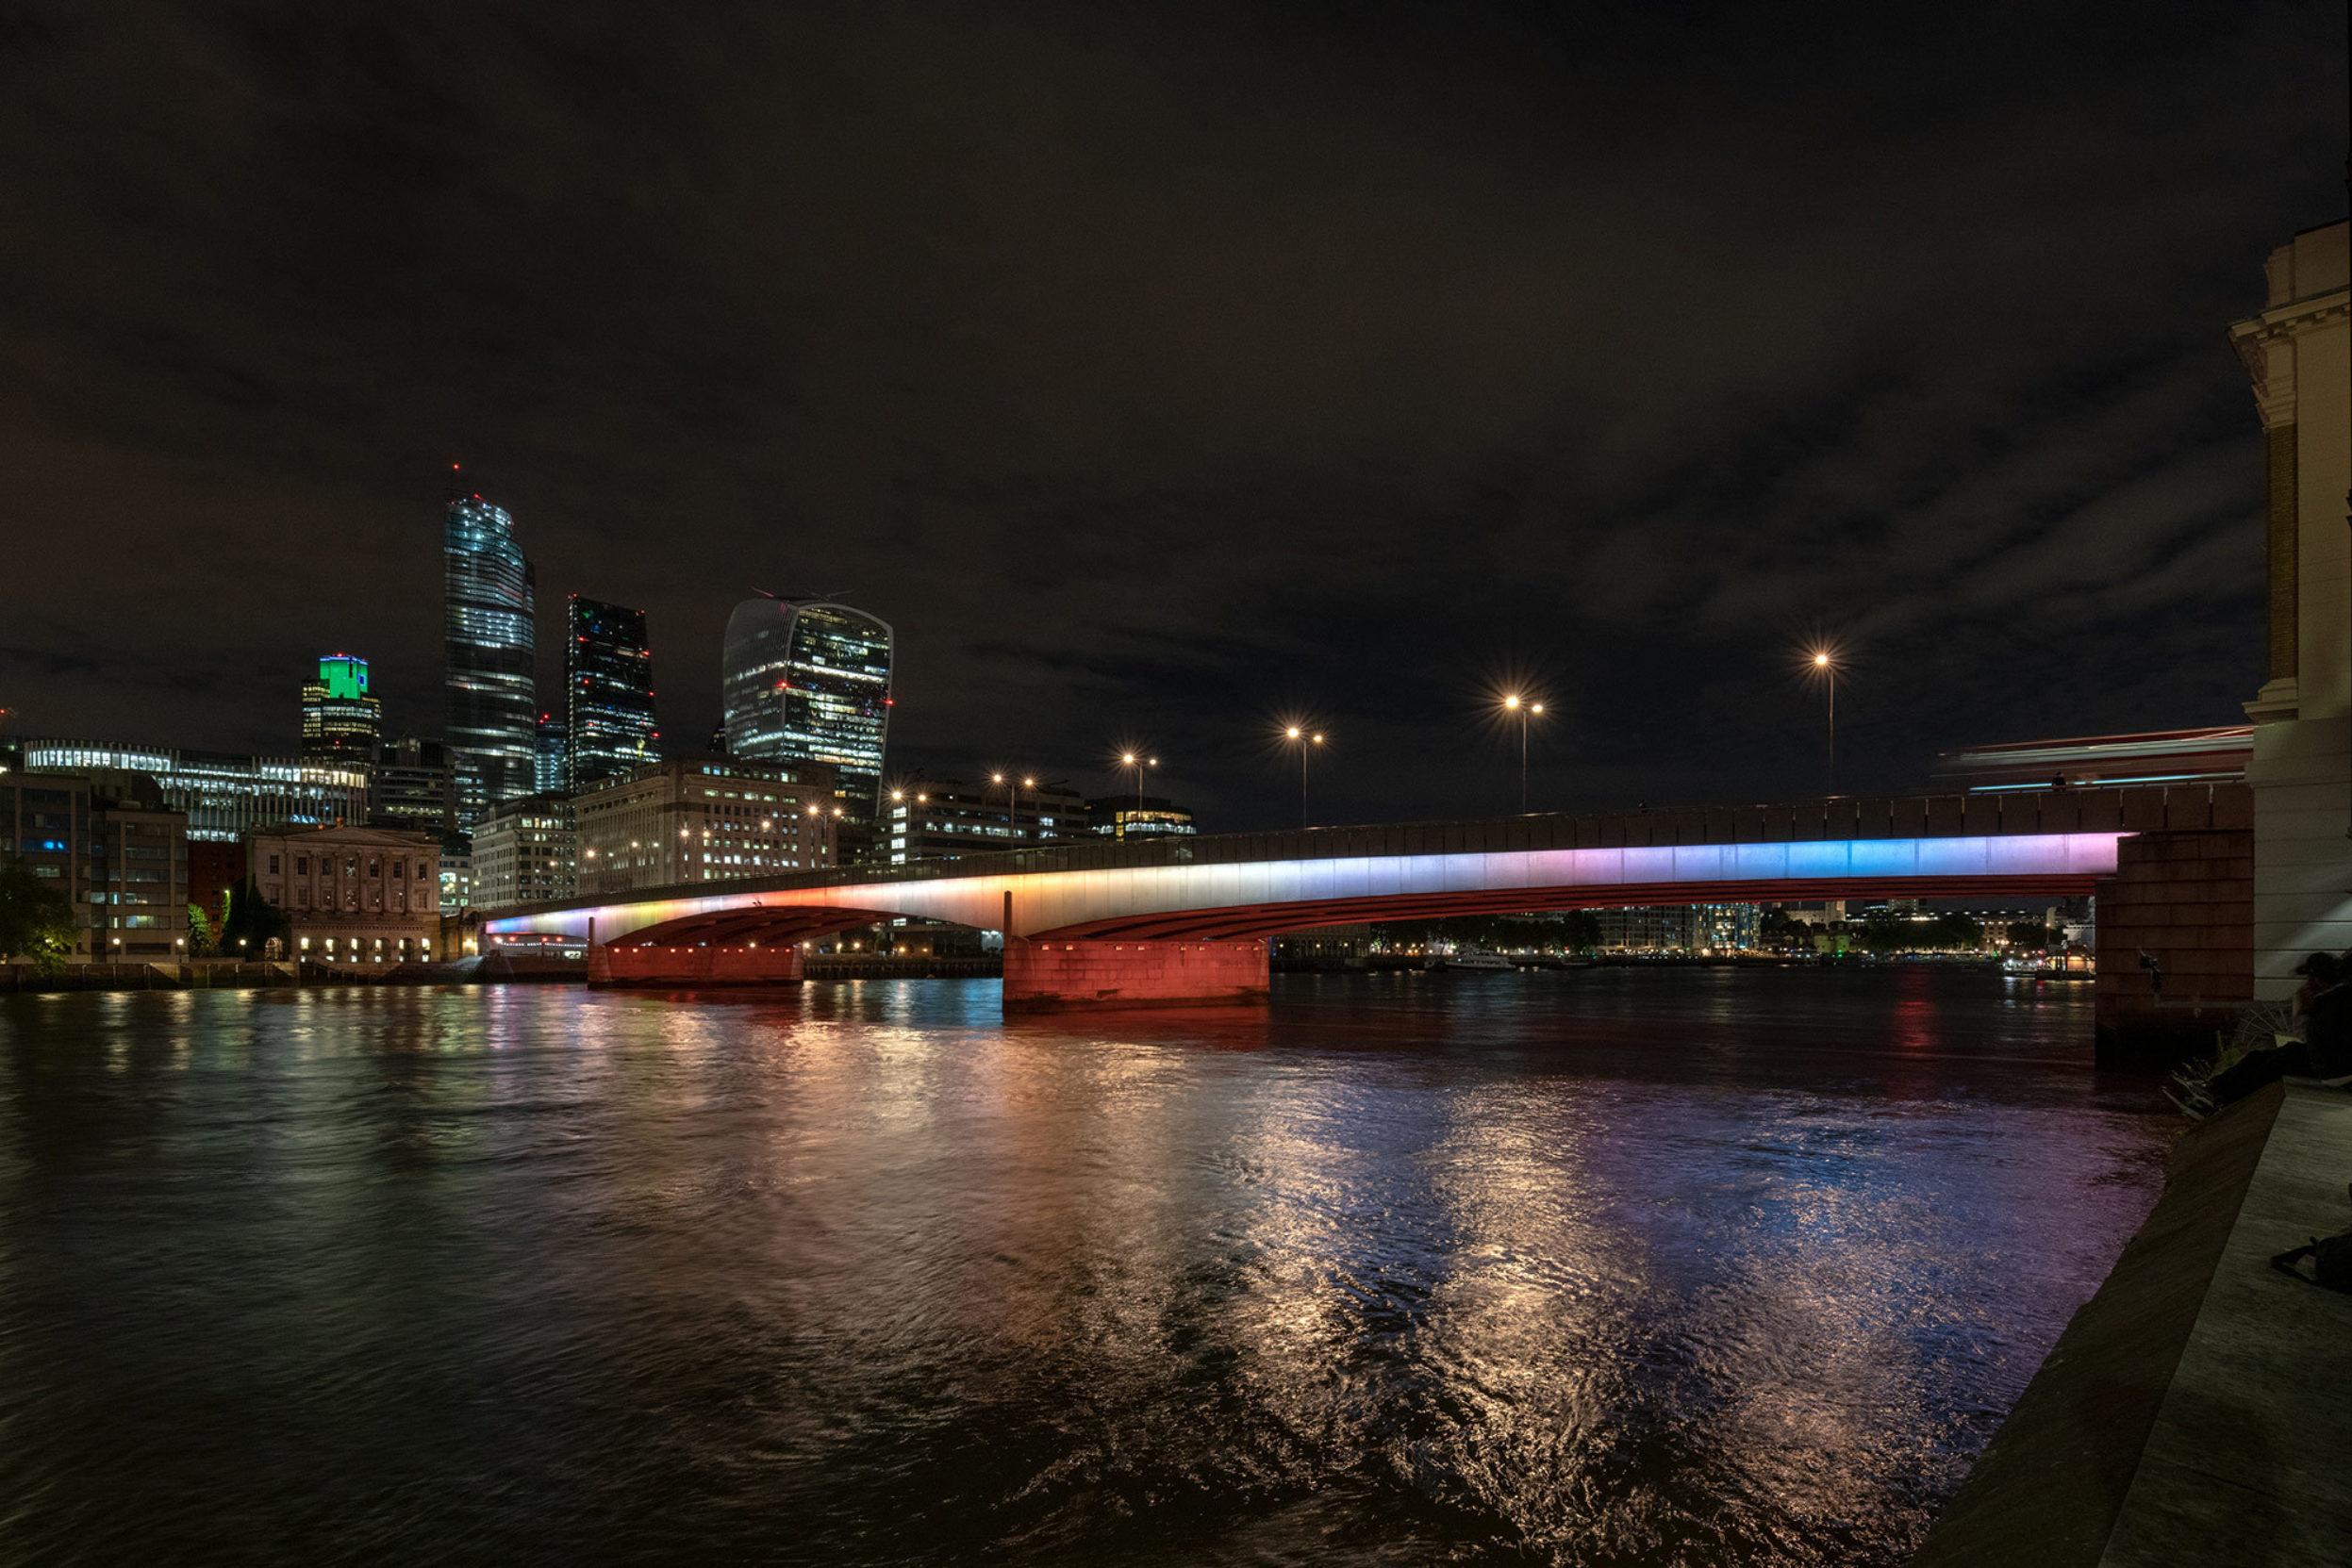 Leo Villareal's Illuminated River artwork on London Bridge